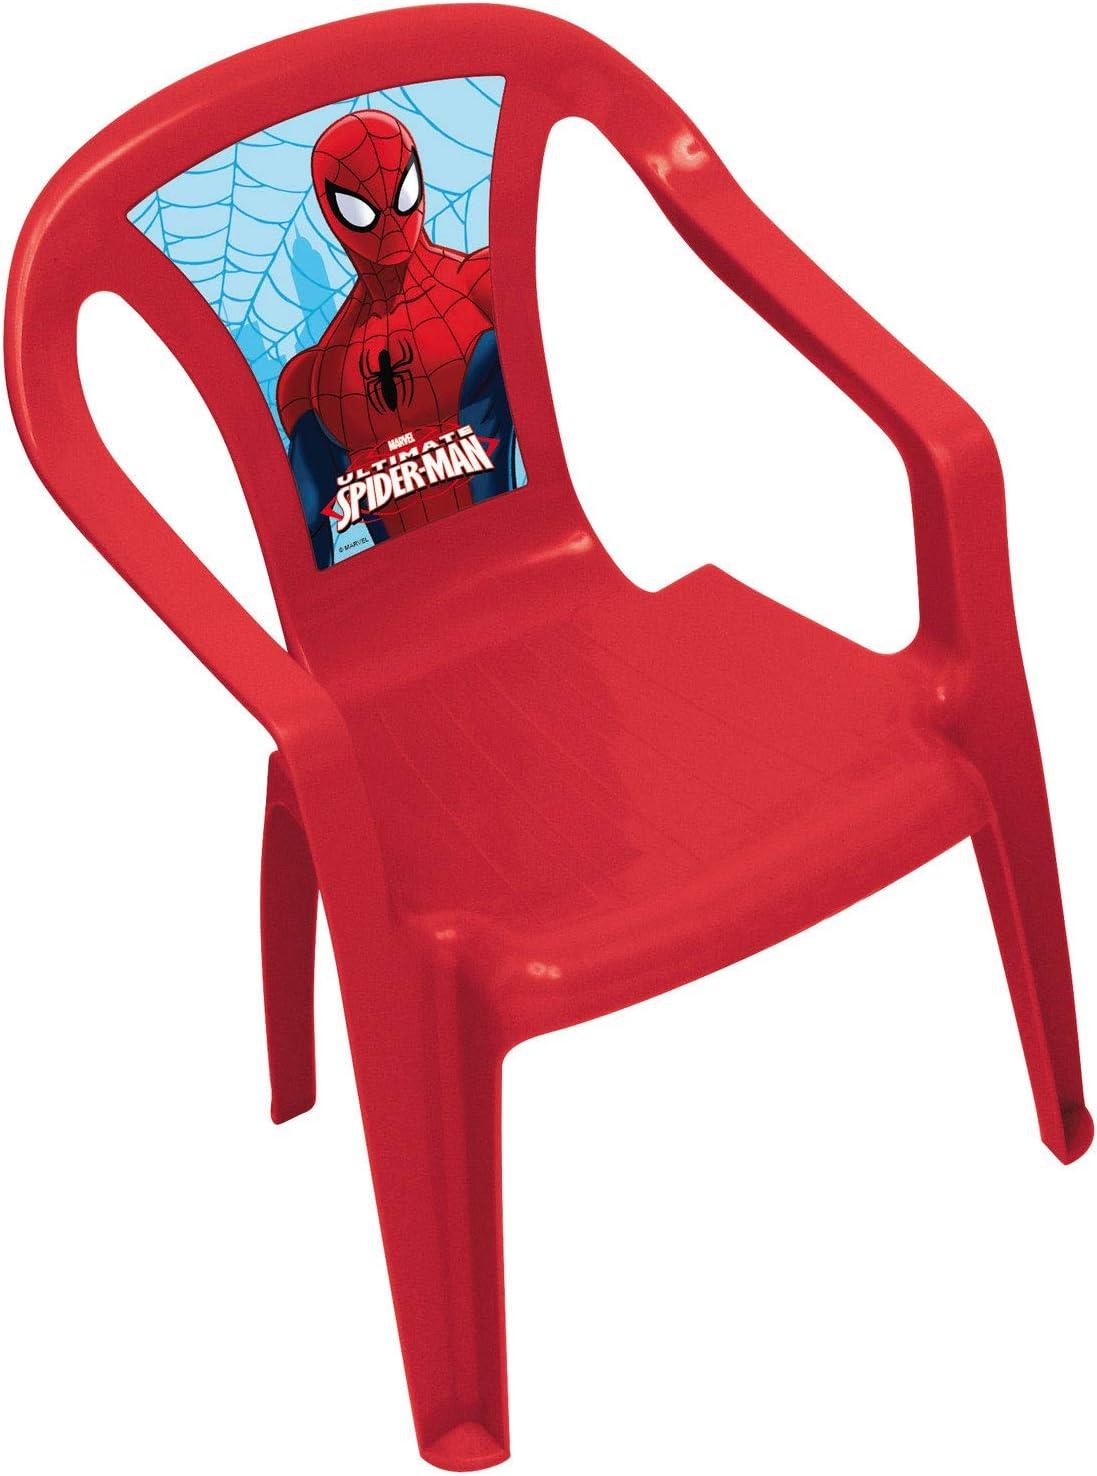 ARDITEX SM7976 - Silla plástico Monoblock, diseño Spiderman